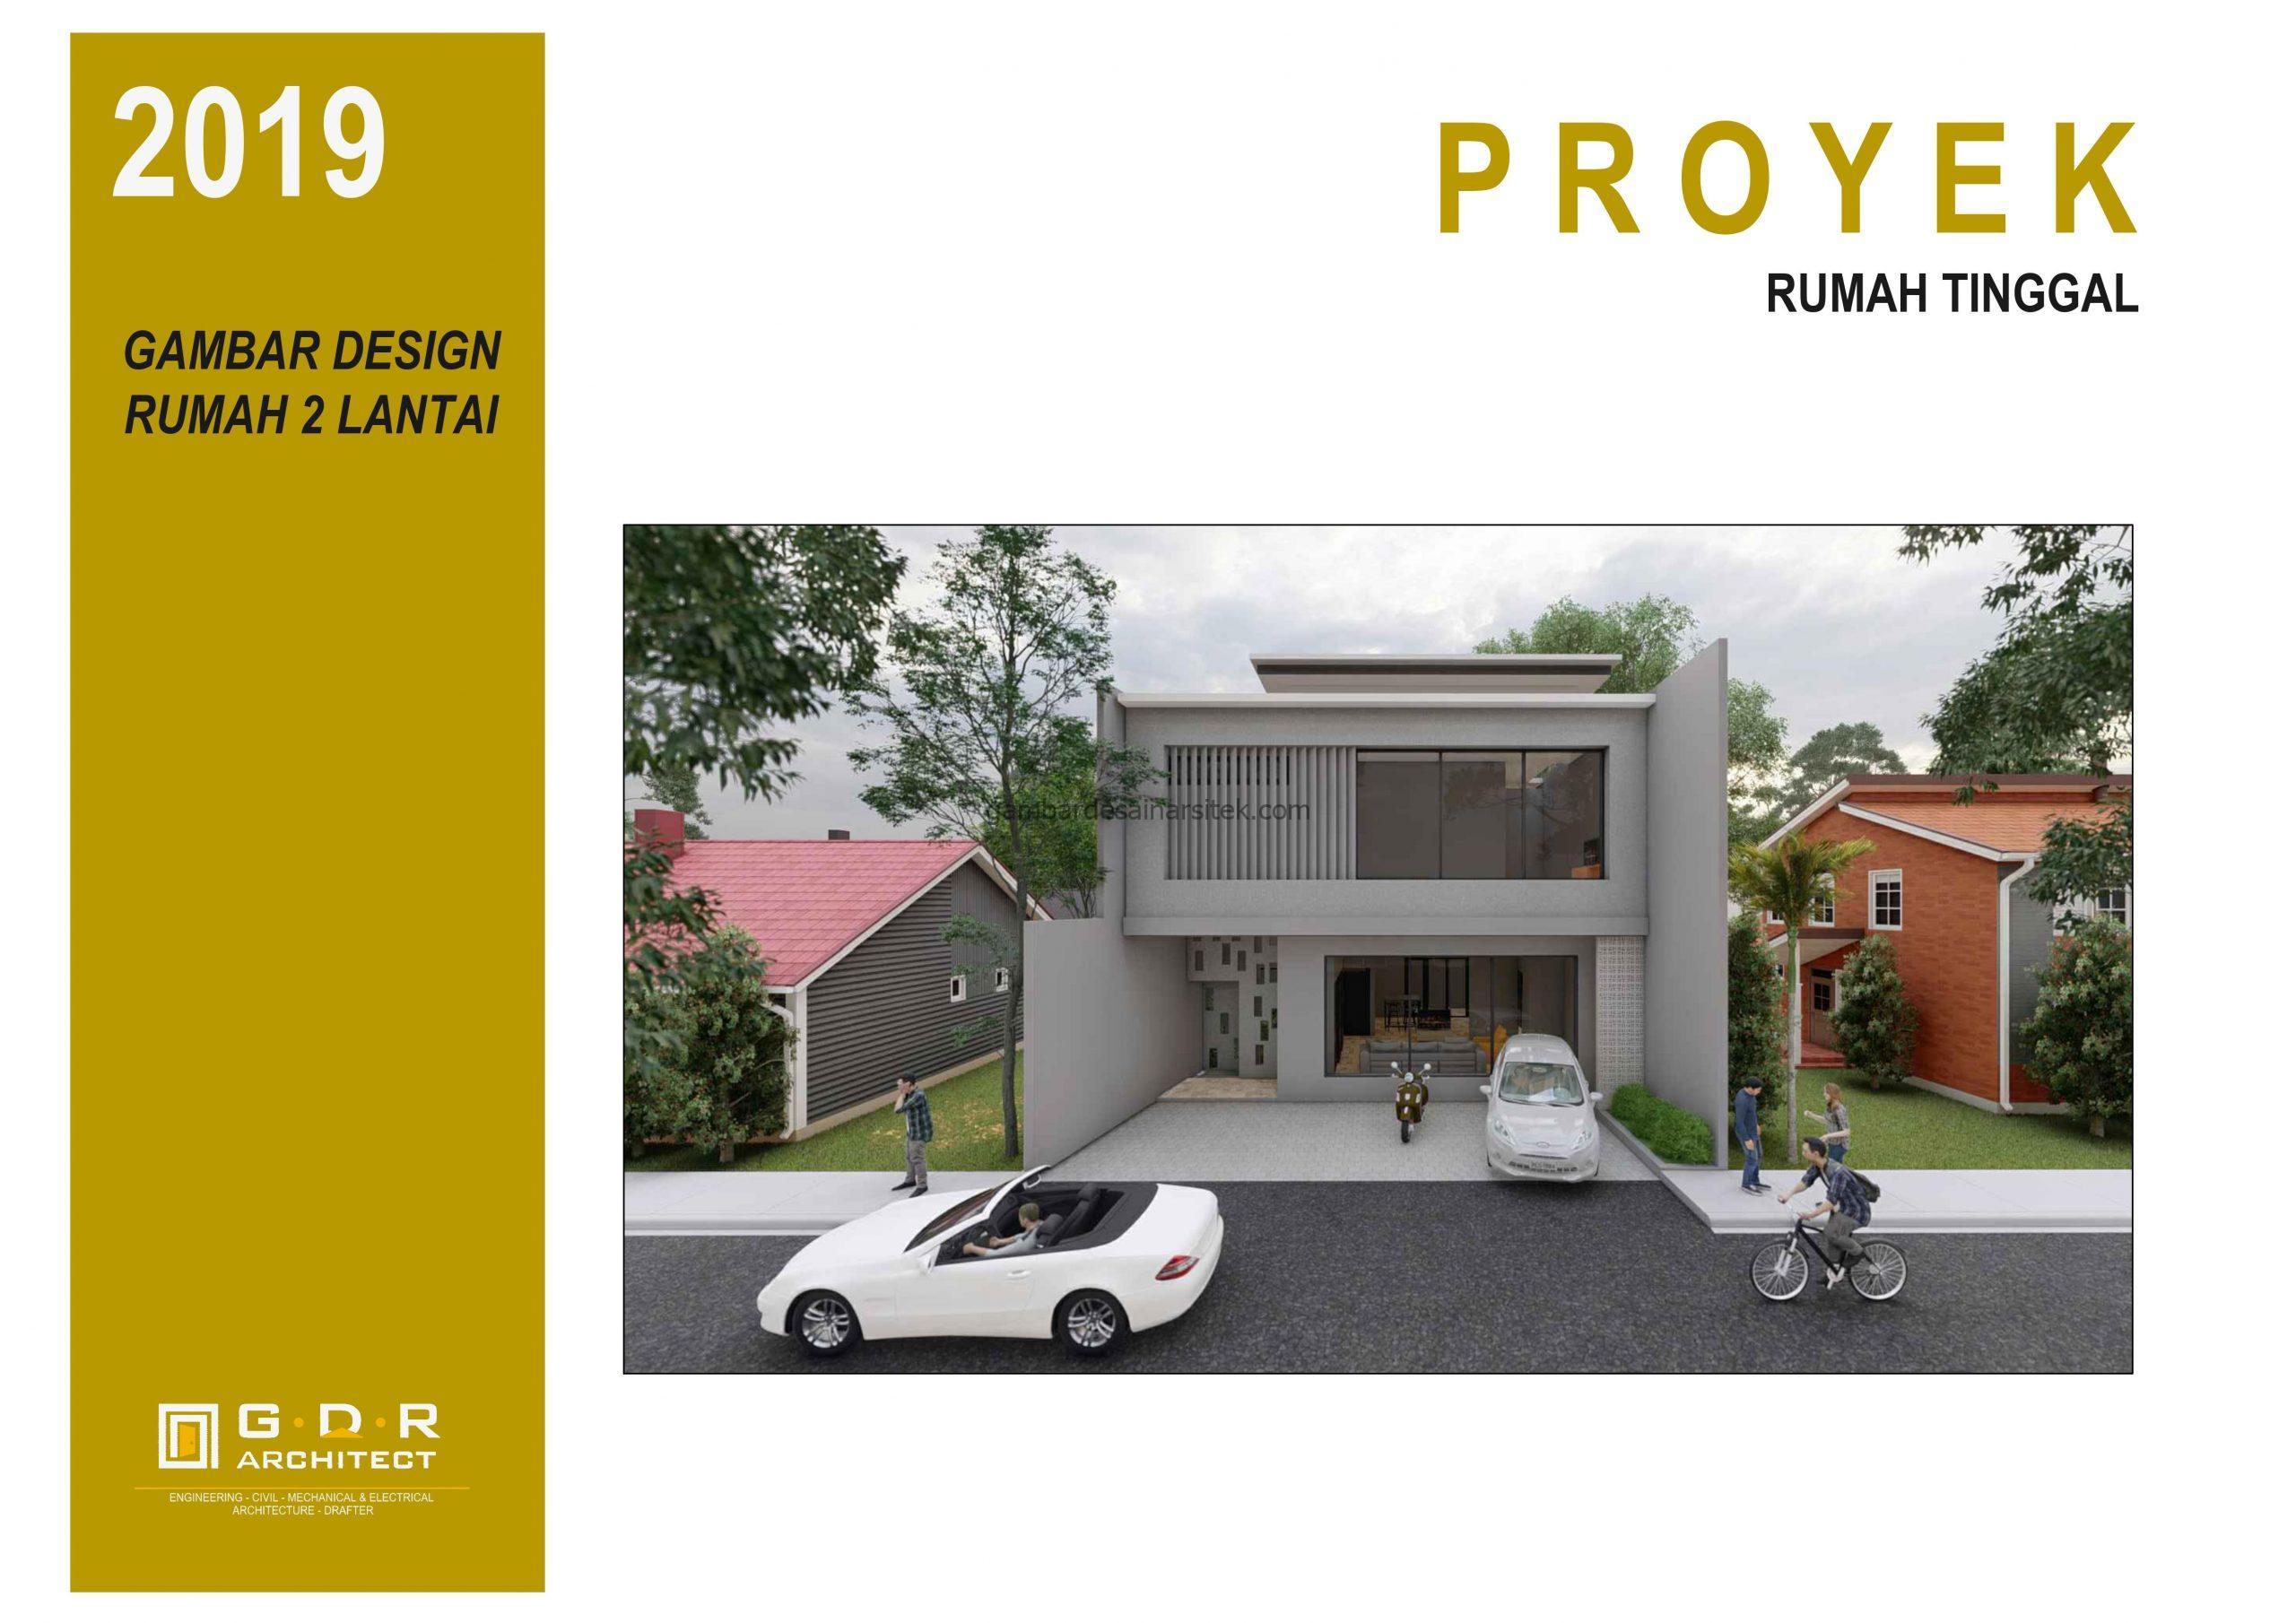 3D View Gambar Desain Rumah 2 Lantai 11x16 1 scaled